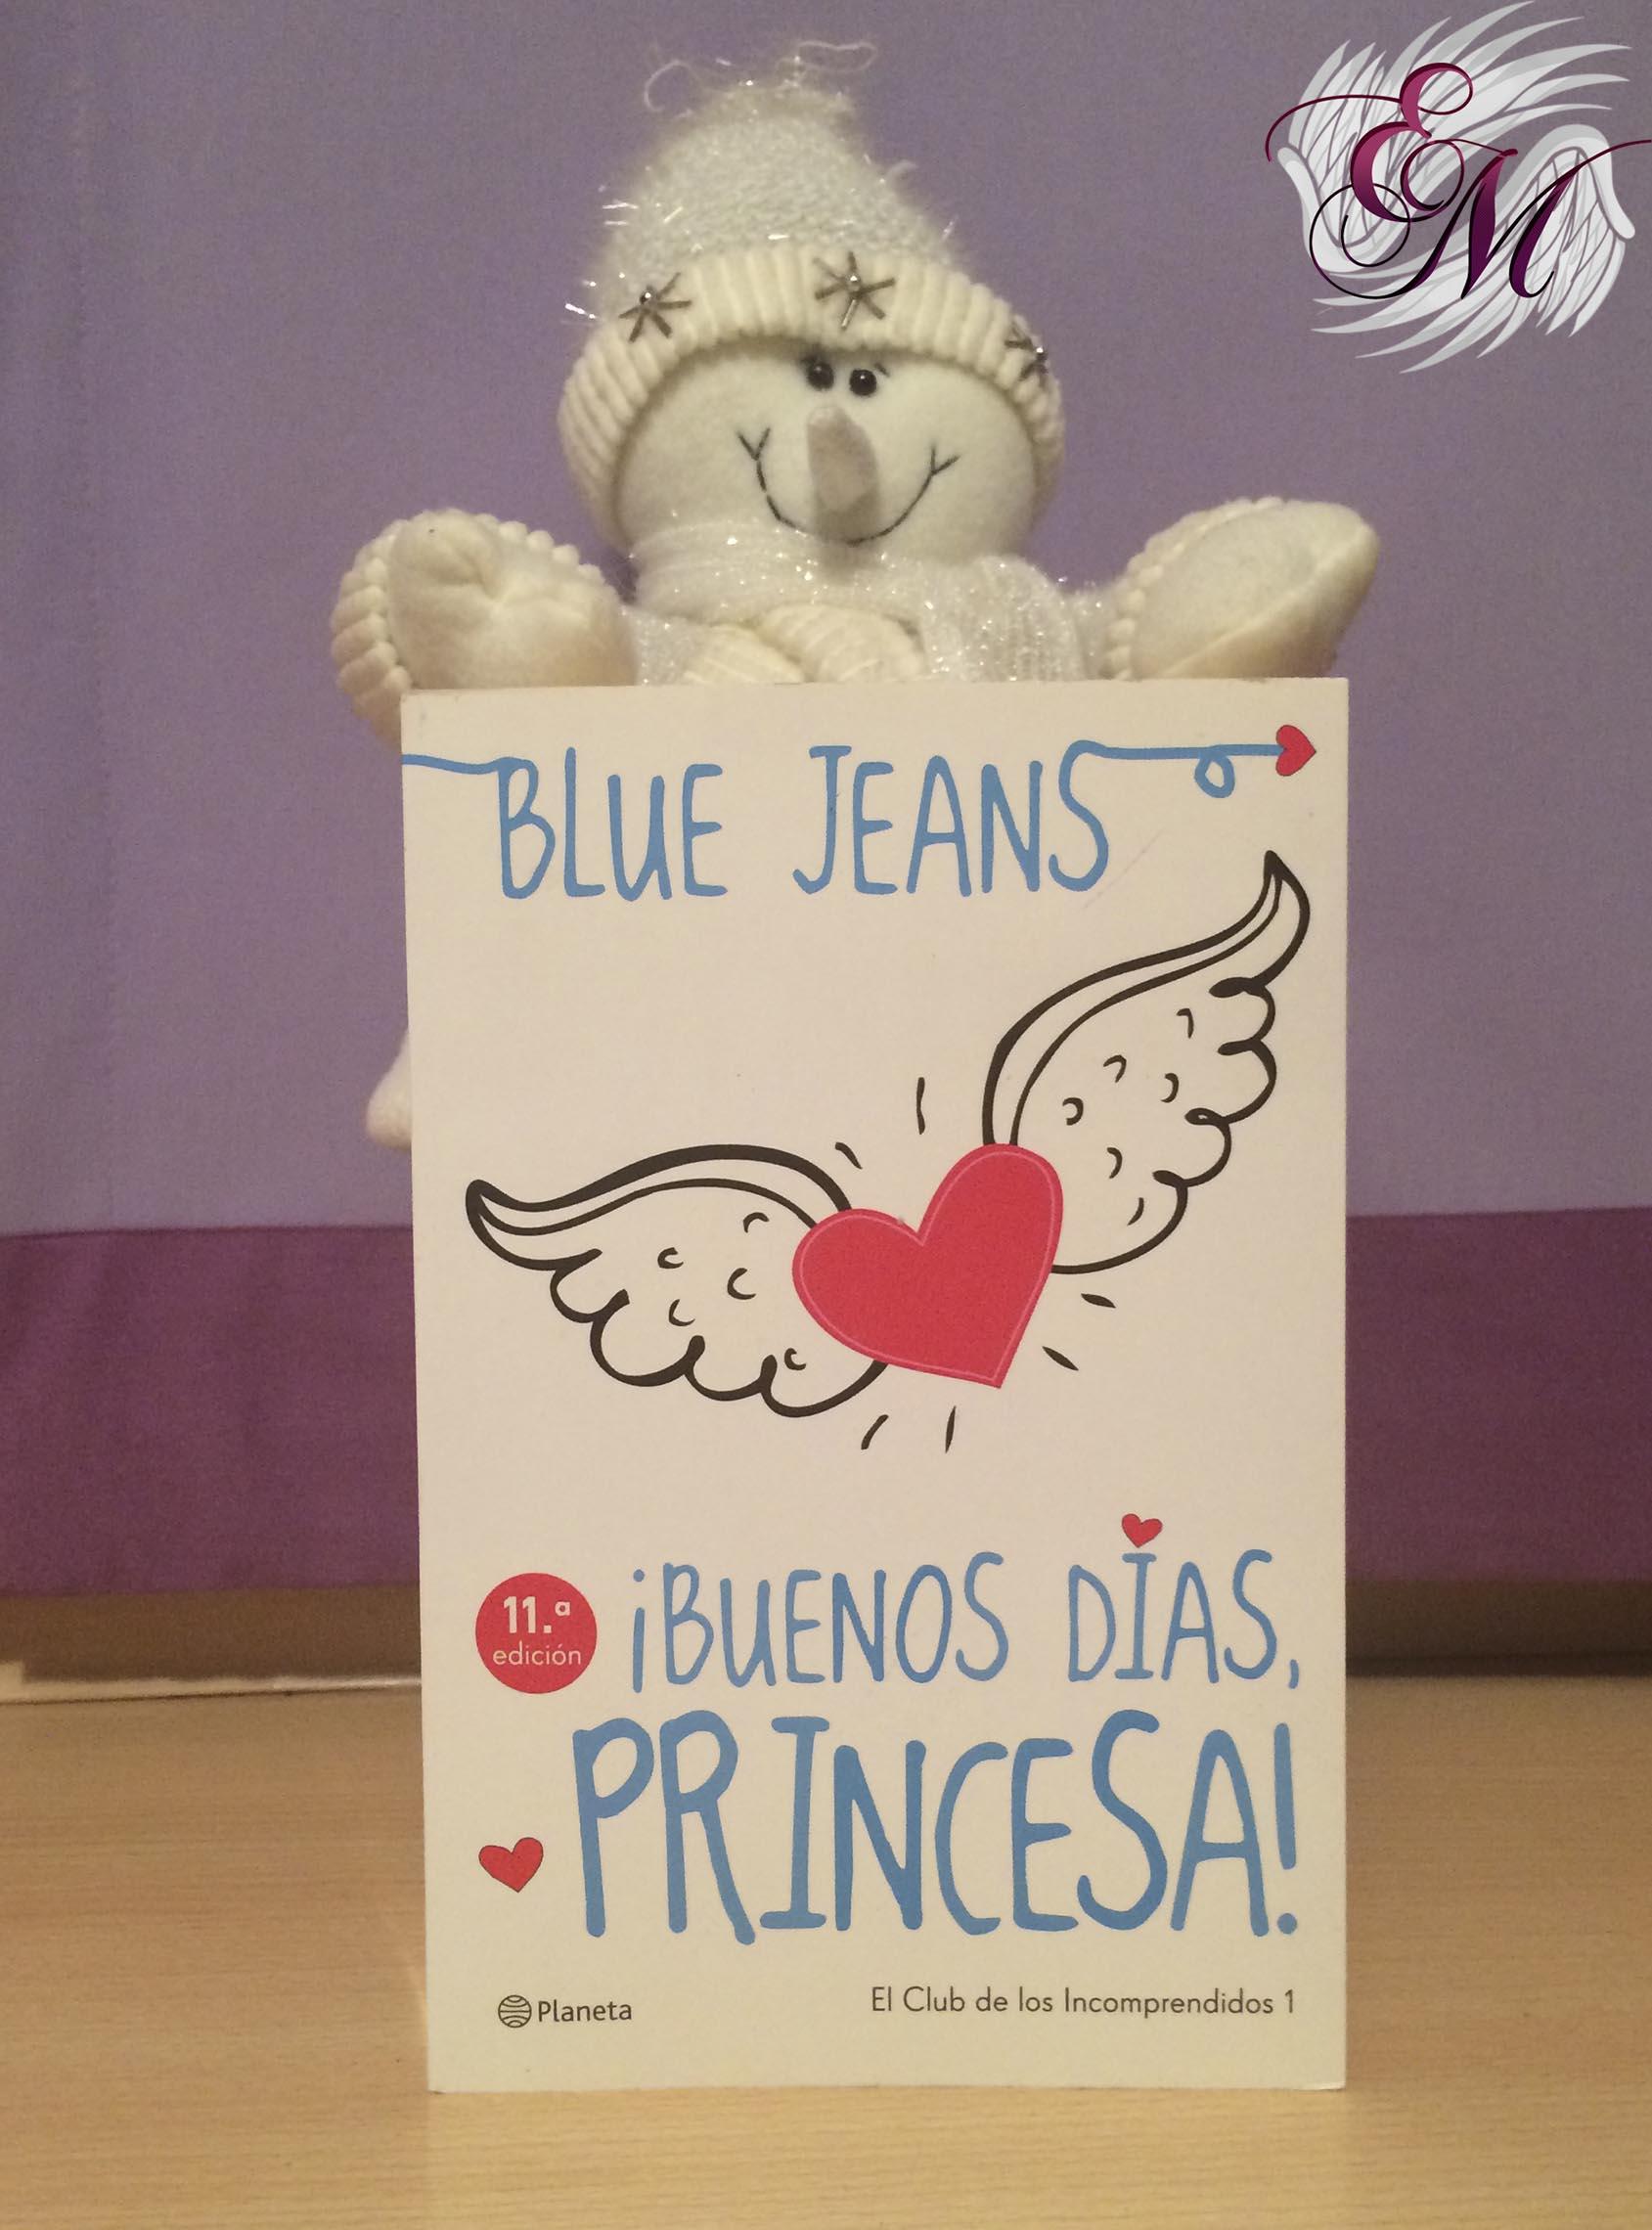 Buenos días, princesa. De Blue Jeans - Reseña